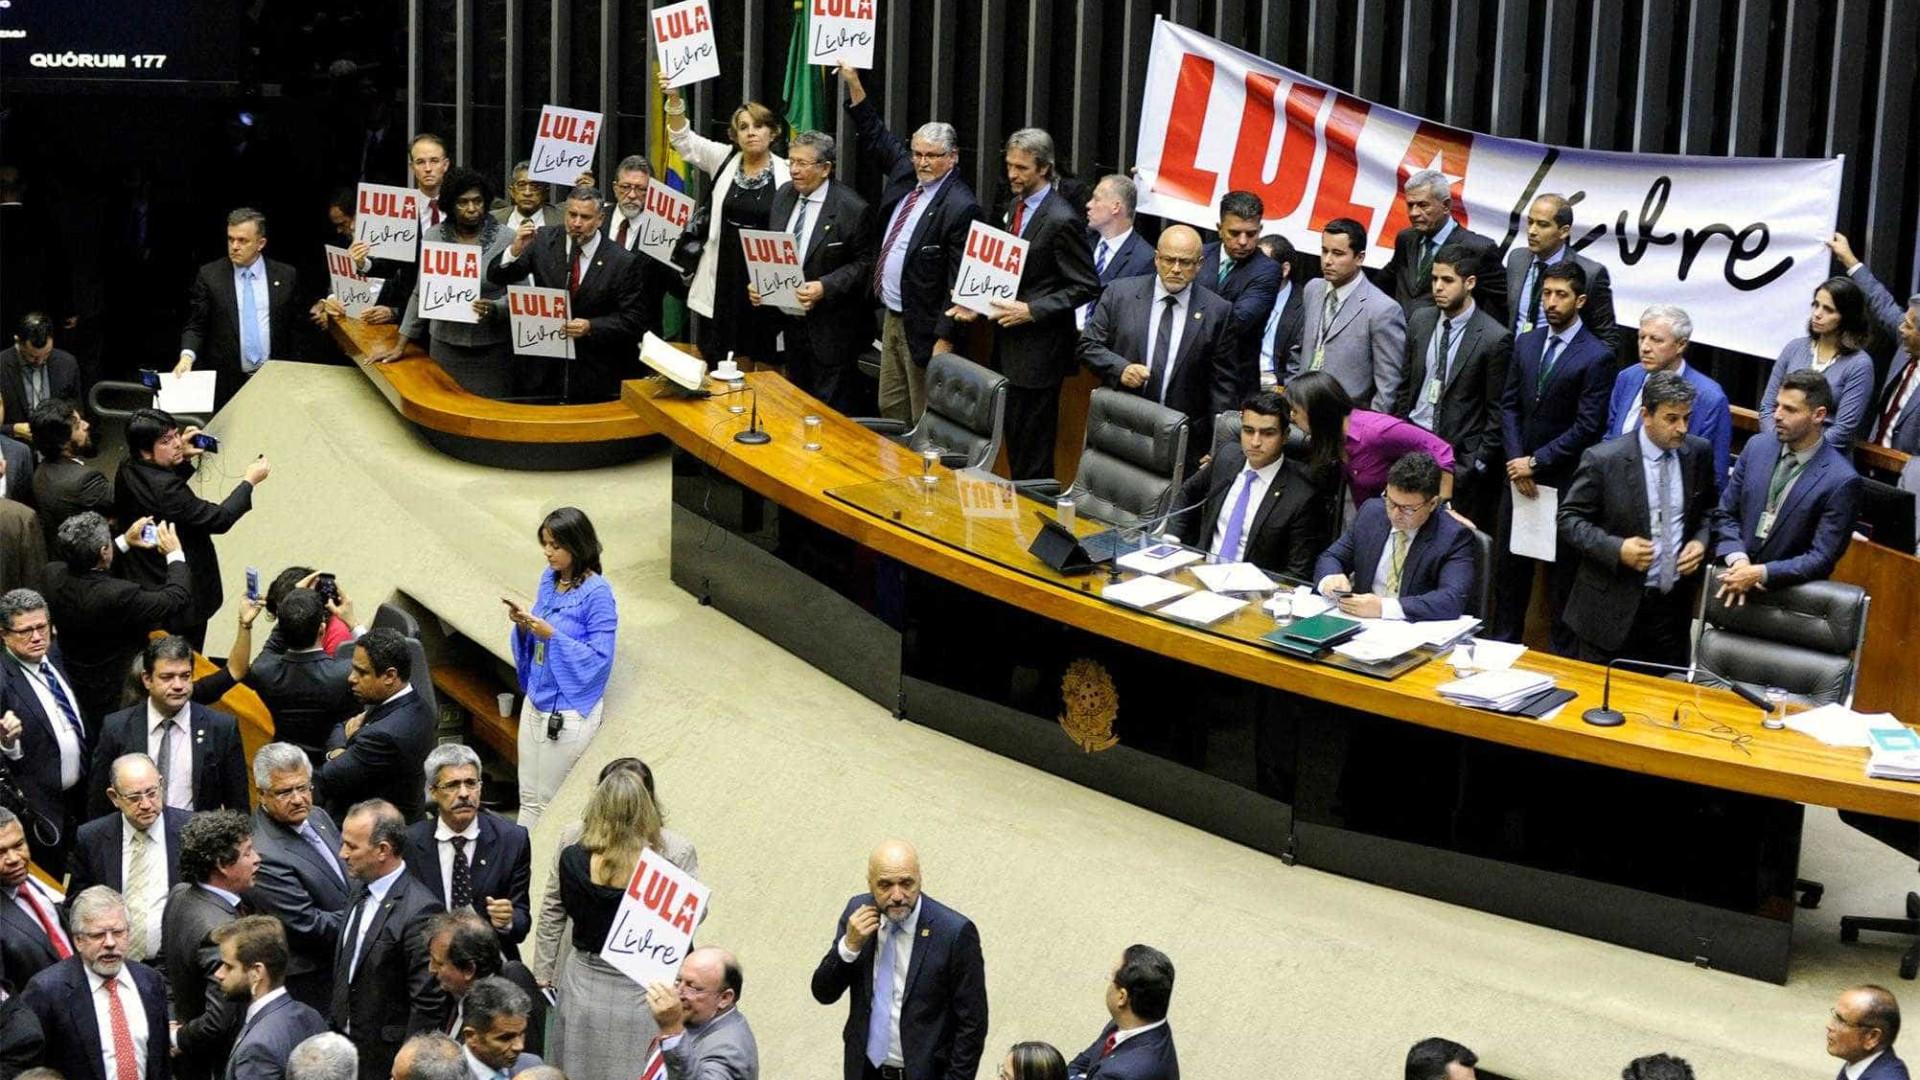 Oposição aprova obstruir sessões da Câmara em apoio a Lula